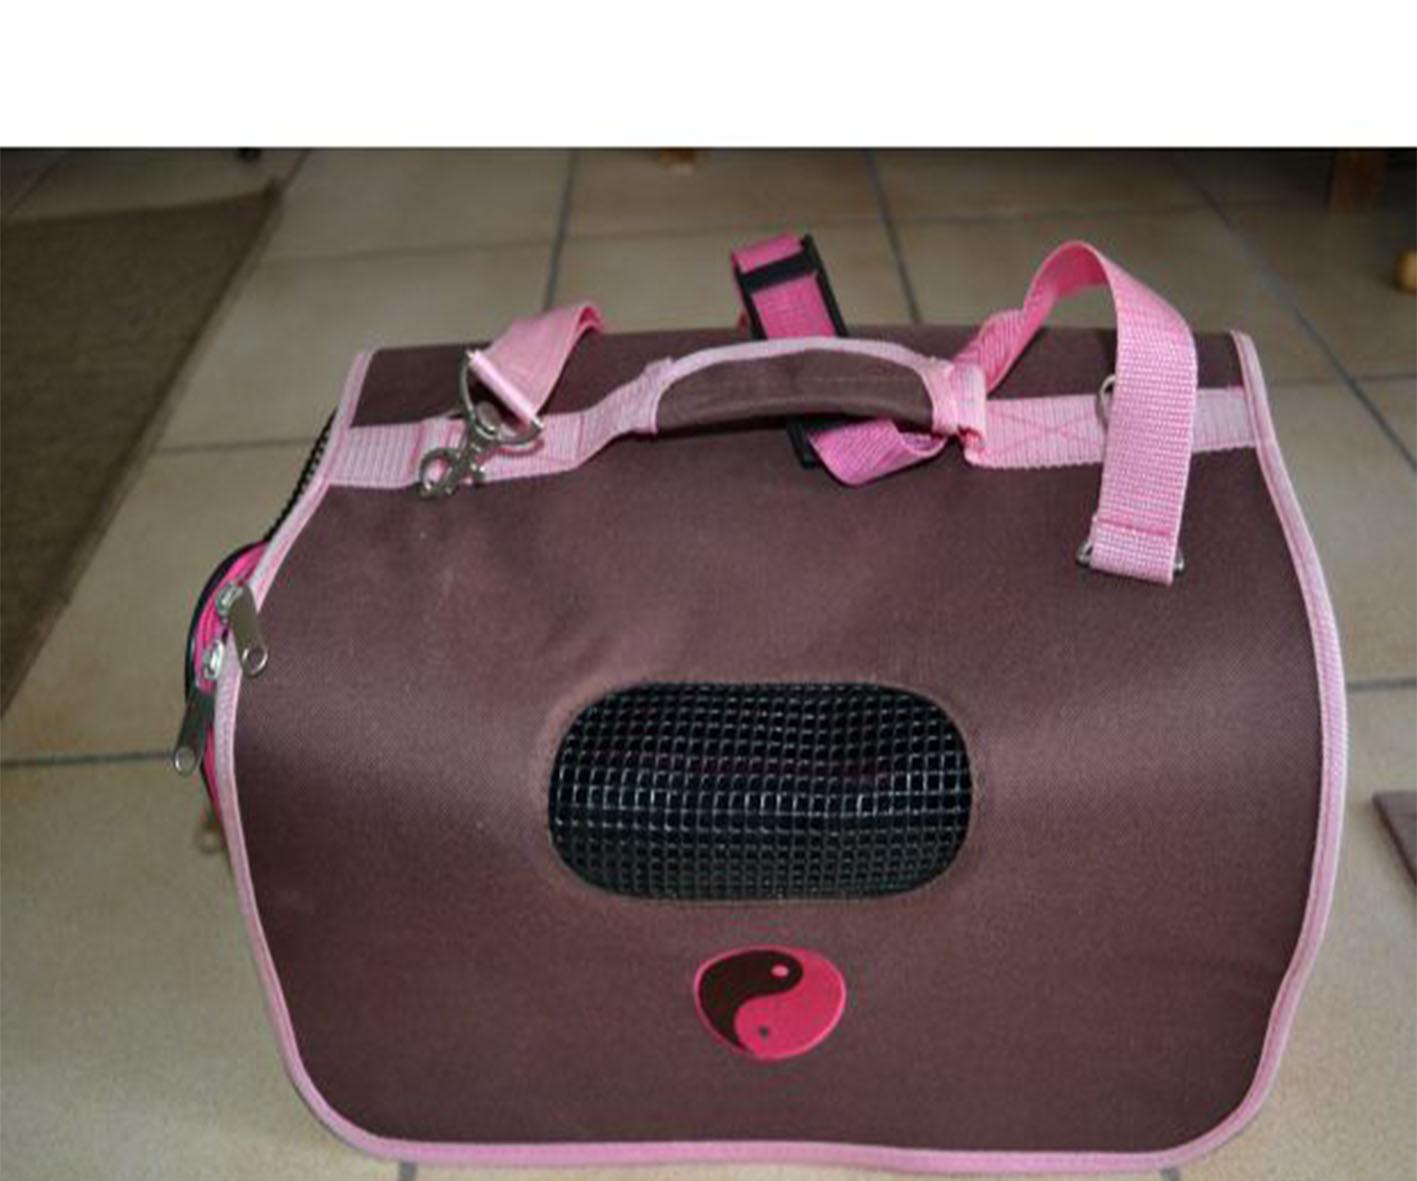 Un sac de transport pour animaux à quatre pattes